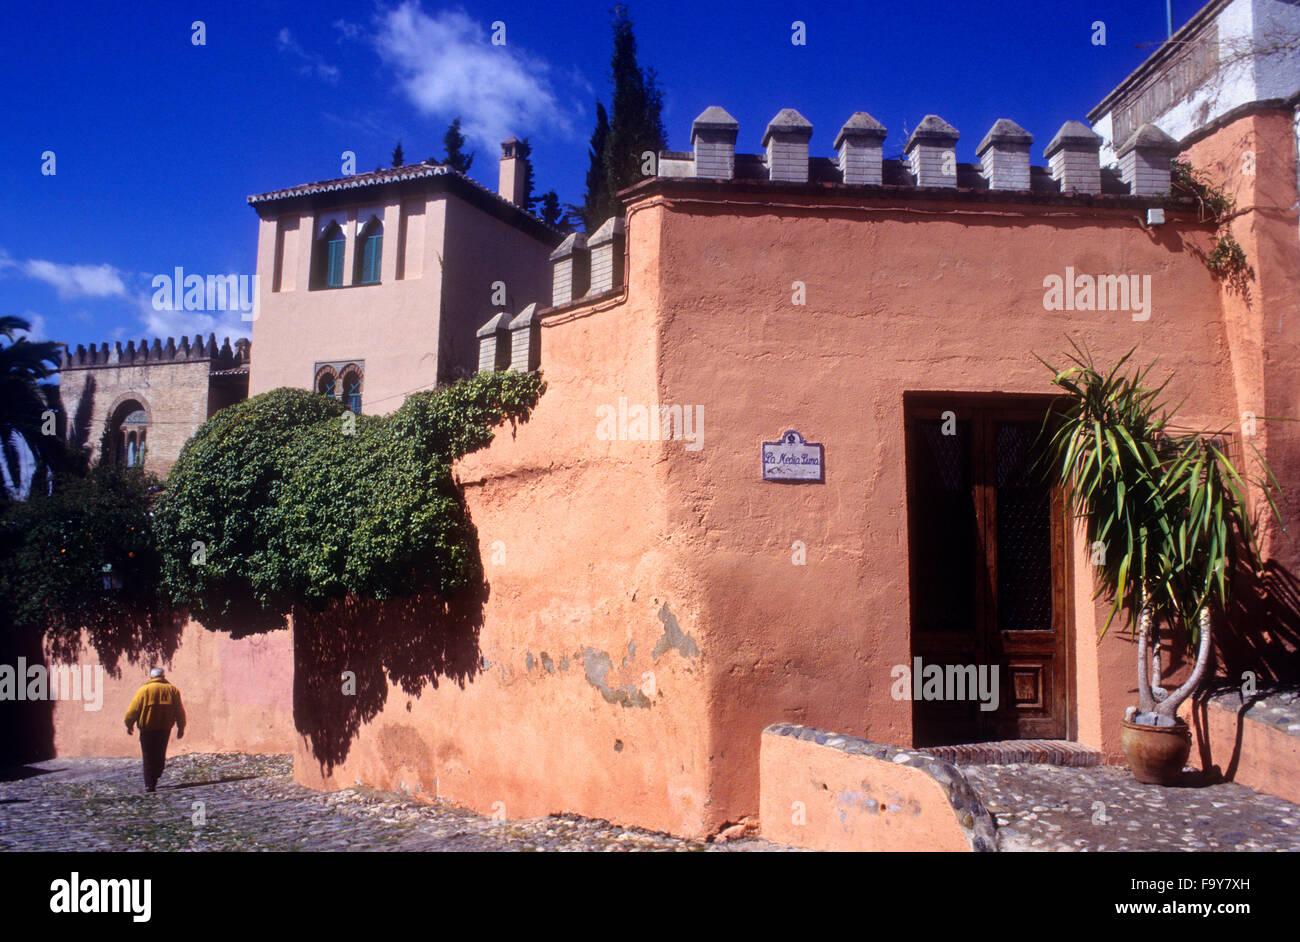 Facade of Carmen de la Media Luna, Cuesta de San Gregorio. Albaicin quarter, Granada, Andalusia, Spain - Stock Image